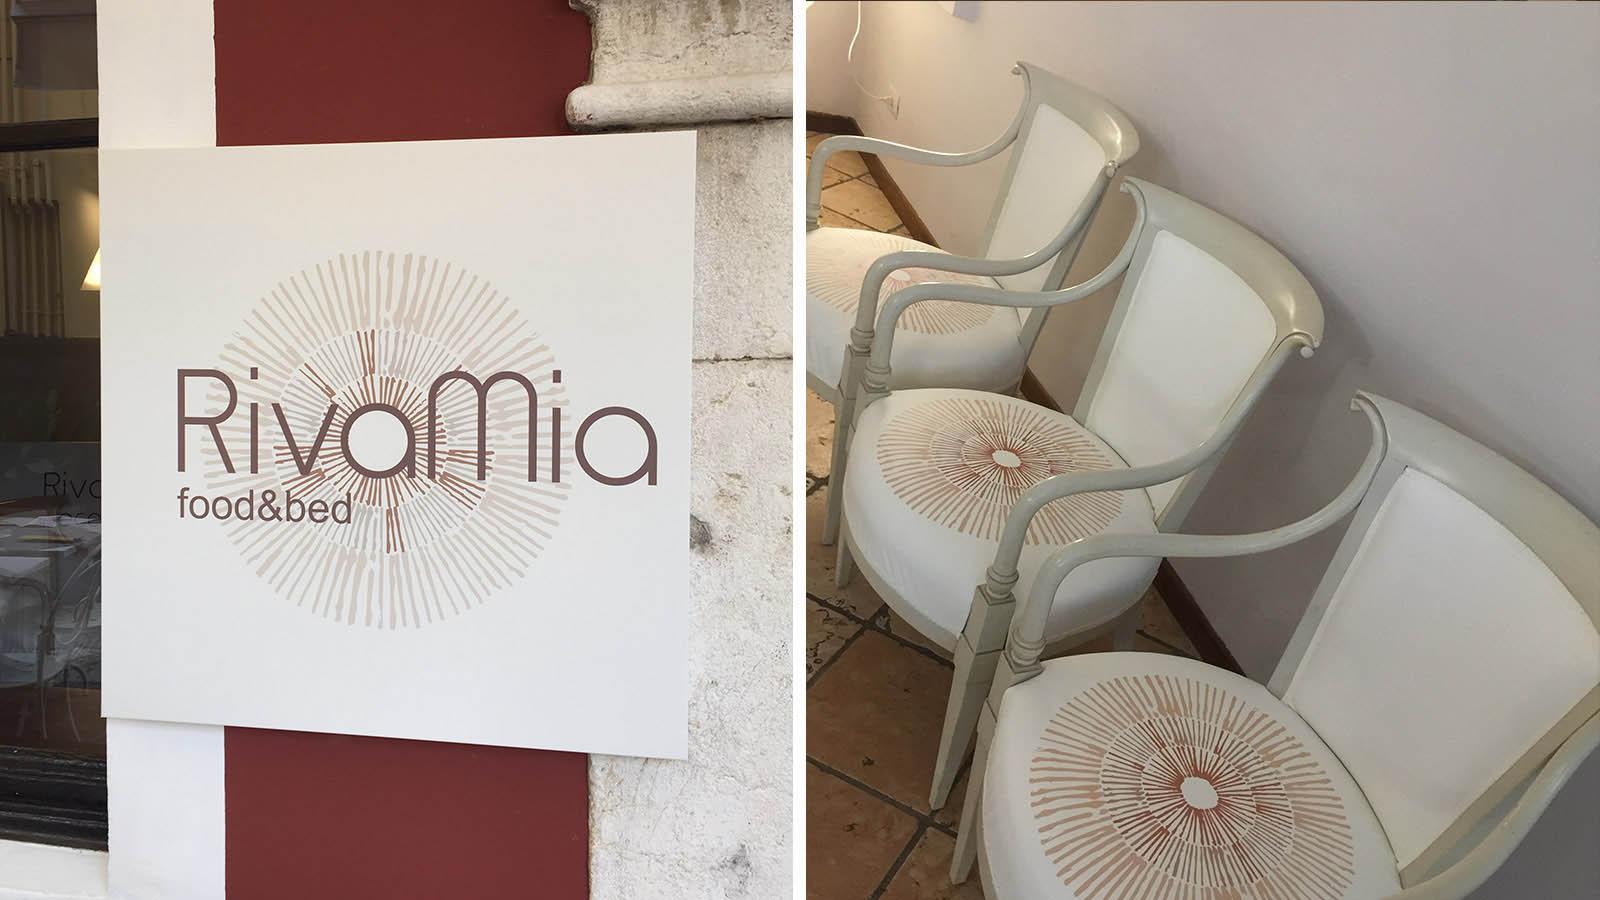 restyling-ristorante-e-hotel-riva-mia-dettagli